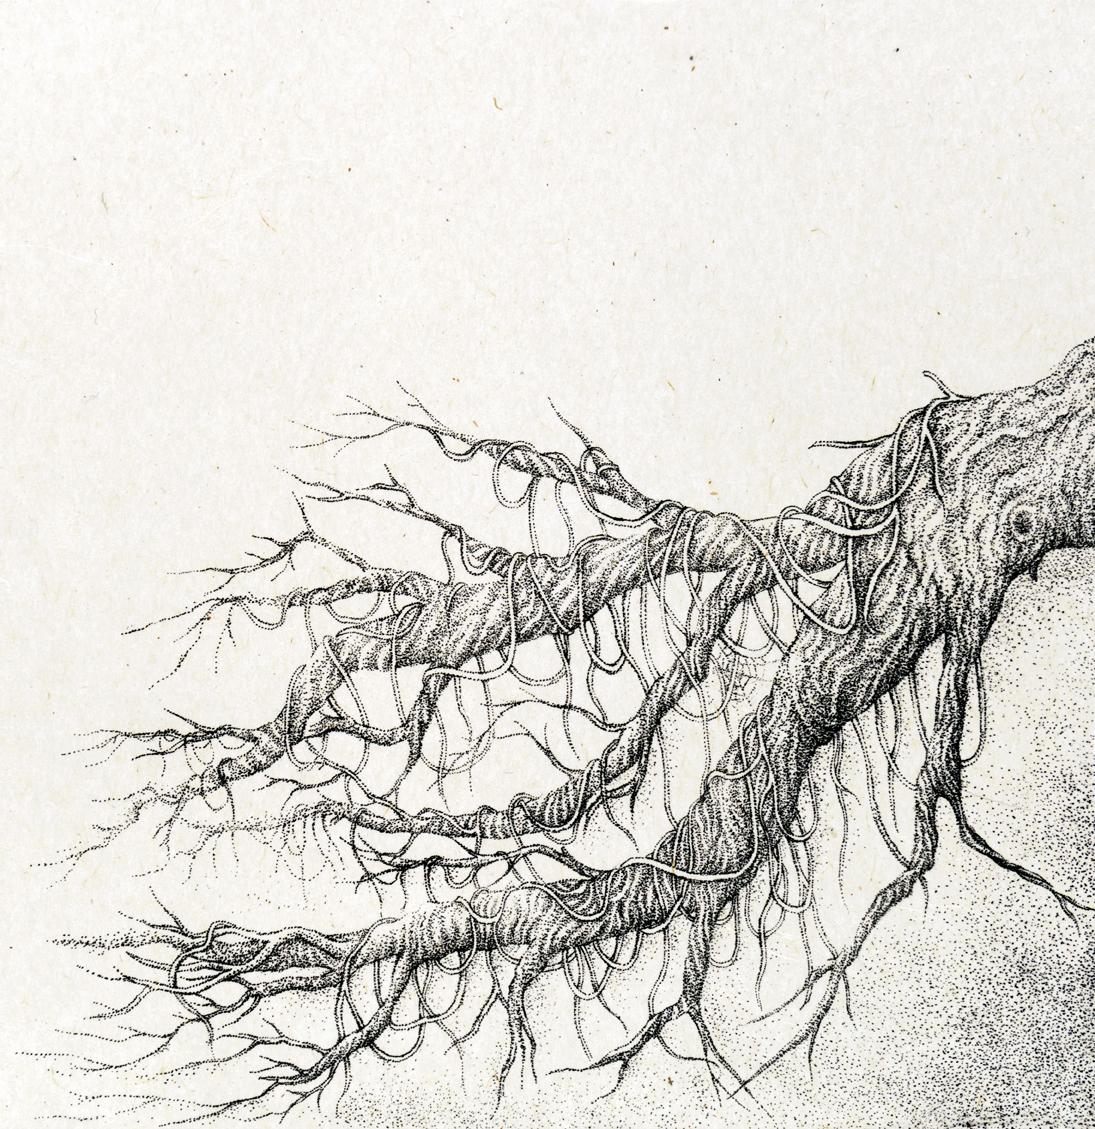 『少年と光の木』 朽ちた木 A boy and a tree of light - a rotten tree - w290×w290mm 2016 lithograph